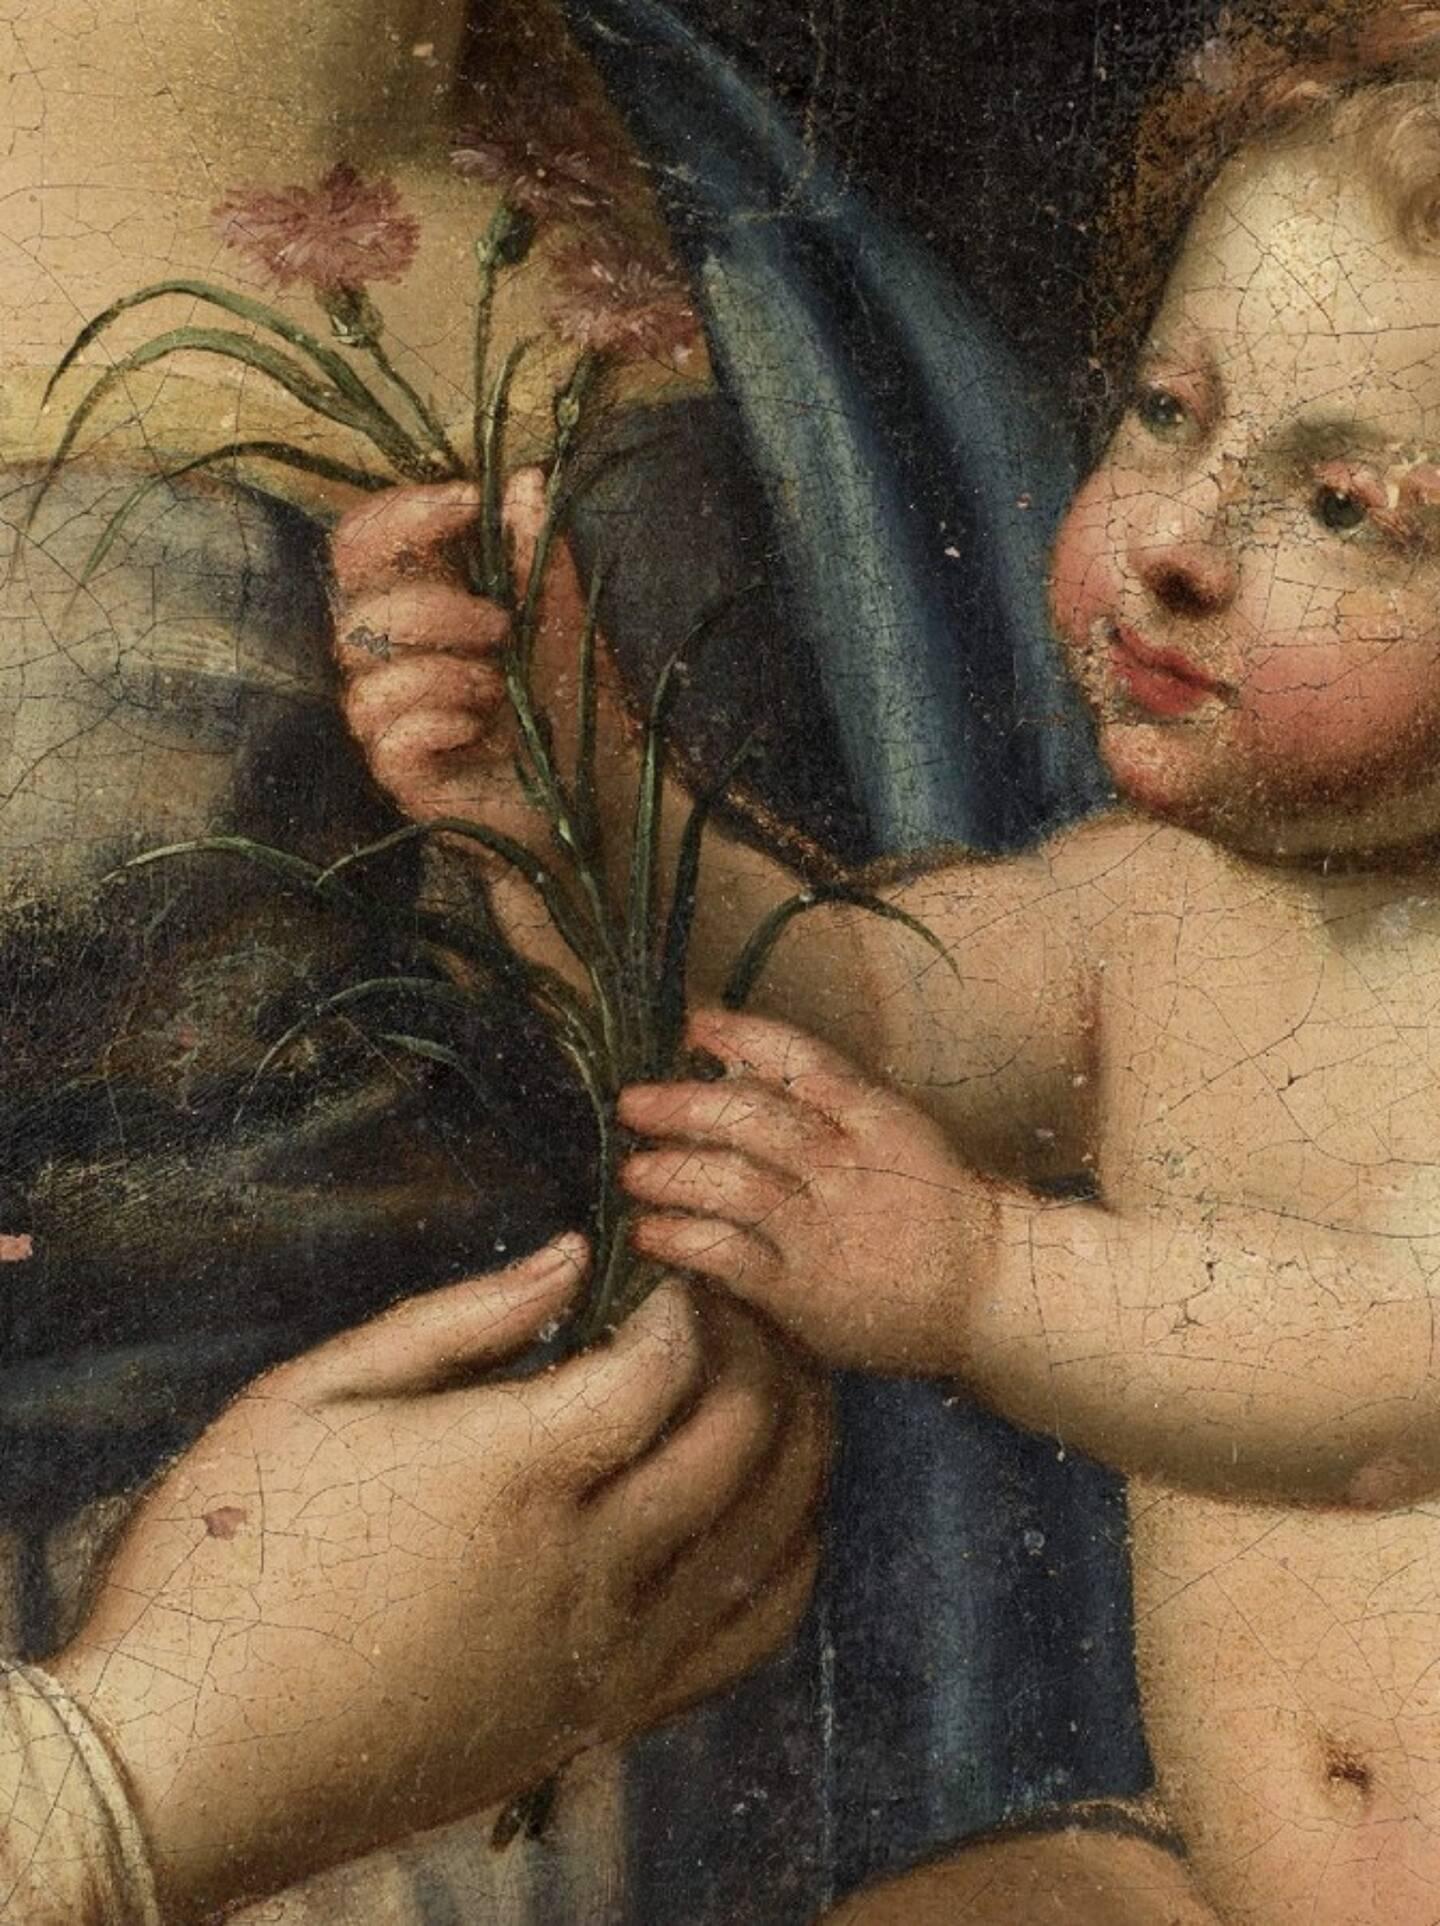 Un détail de la scène qui illustre la complicité entre la vierge et l'enfant Jésus.